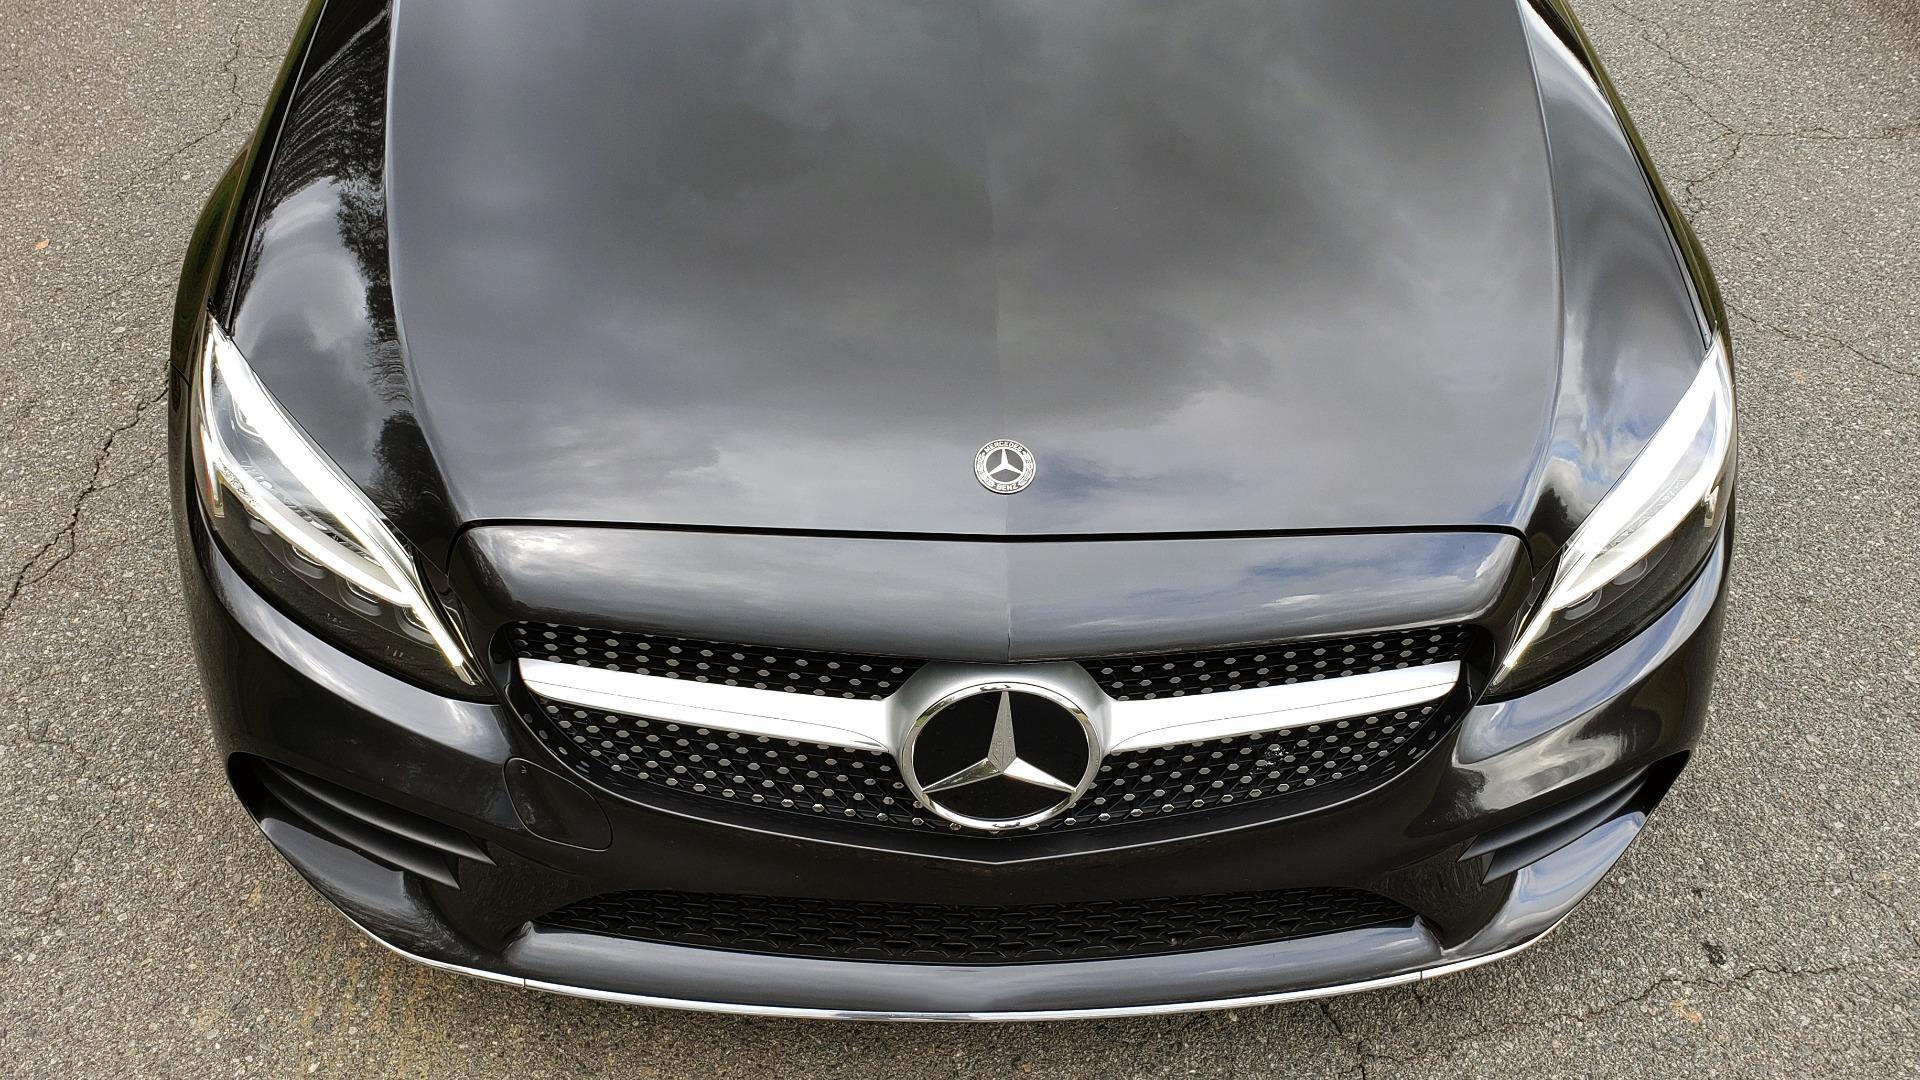 Used 2019 Mercedes-Benz C-CLASS C 300 CABRIOLET / PREM PKG / NAV / BURMESTER / MULTIMEDIA for sale Sold at Formula Imports in Charlotte NC 28227 19